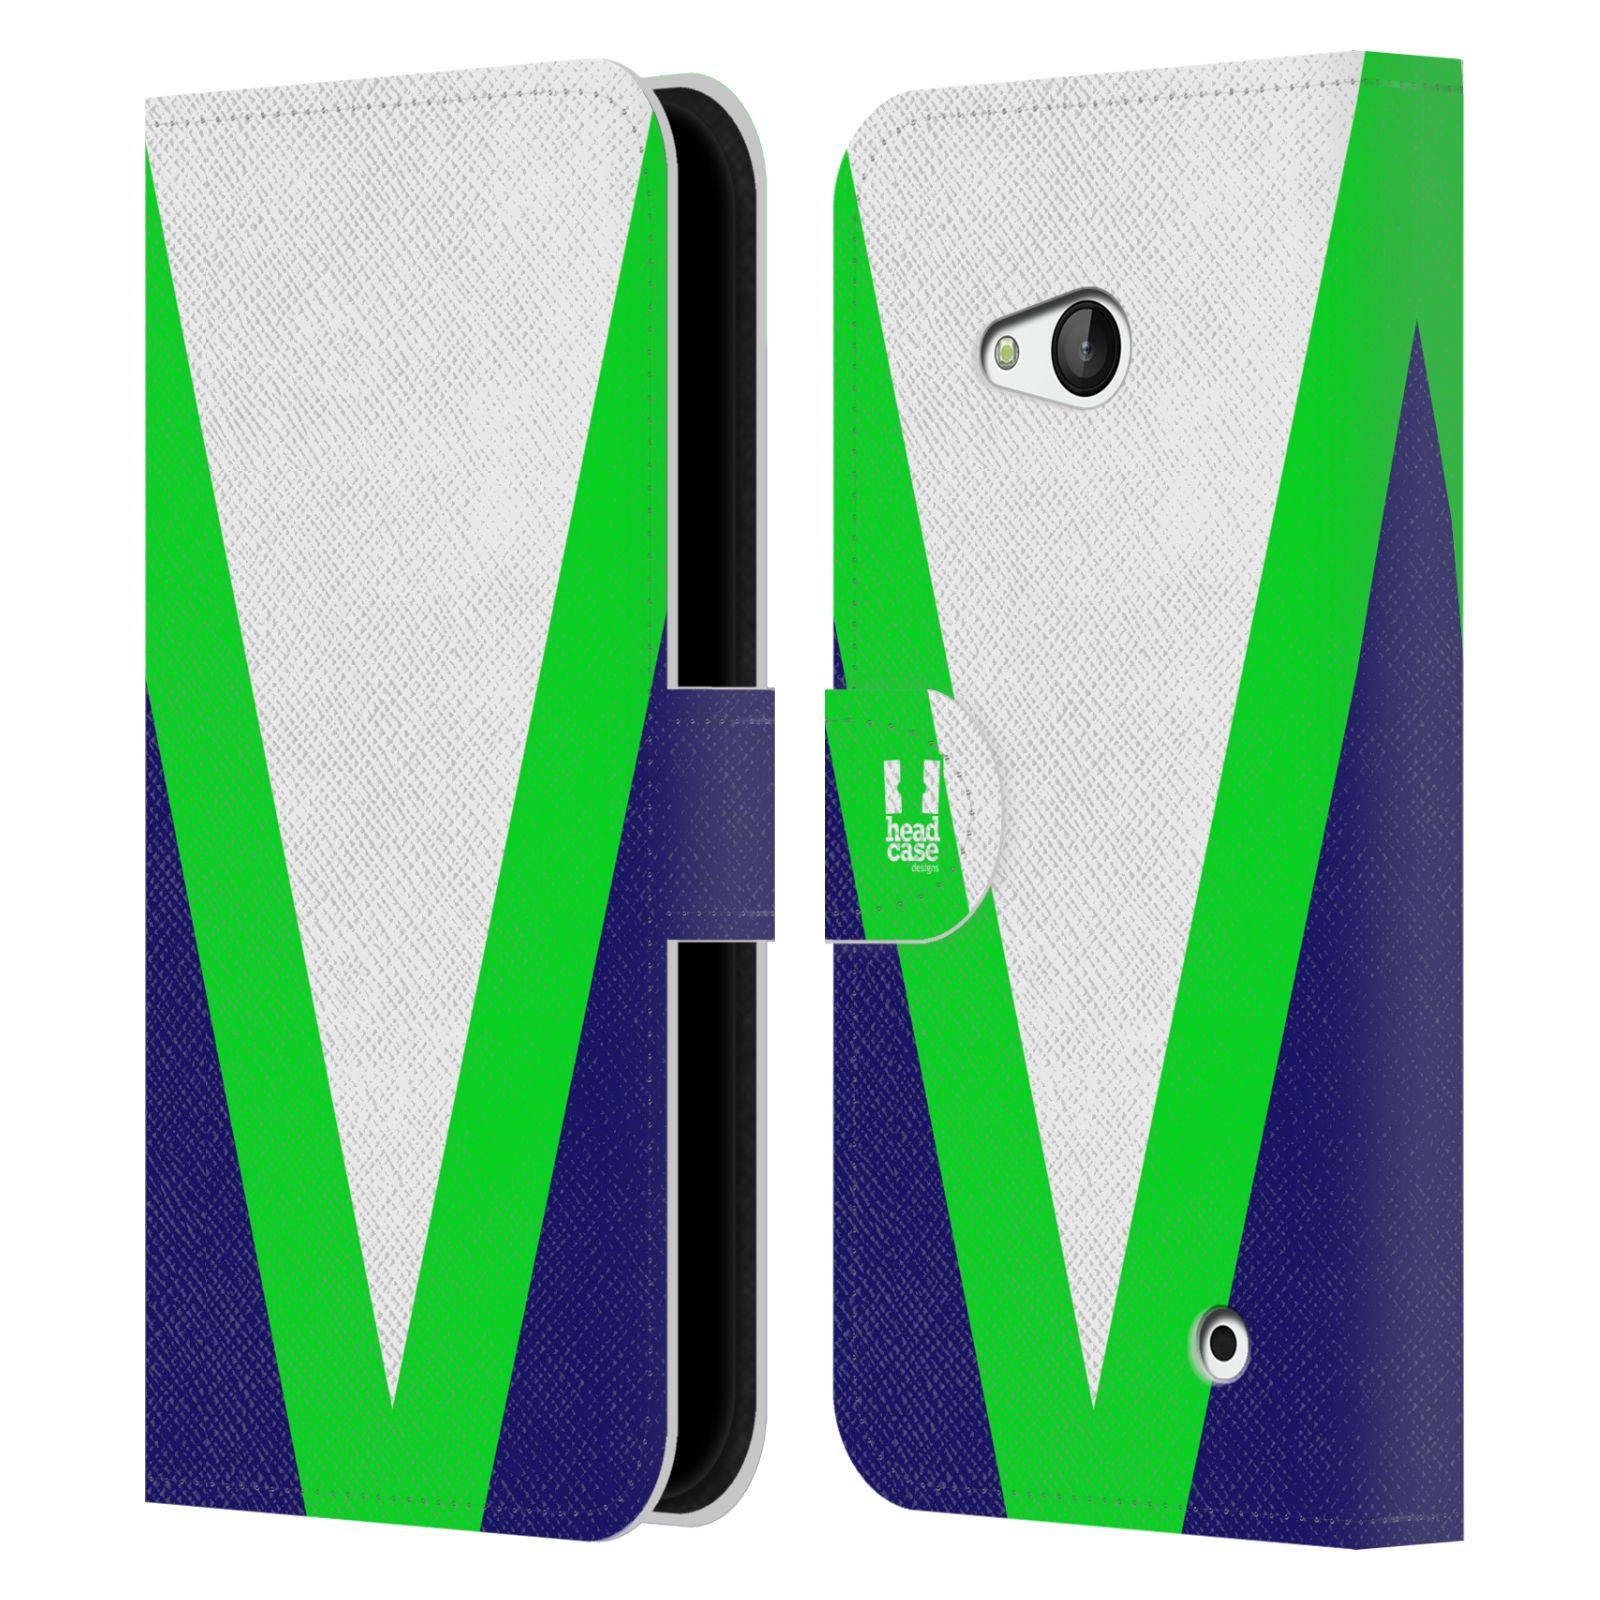 HEAD CASE Flipové pouzdro pro mobil Nokia LUMIA 640 barevné tvary zelená a modrá